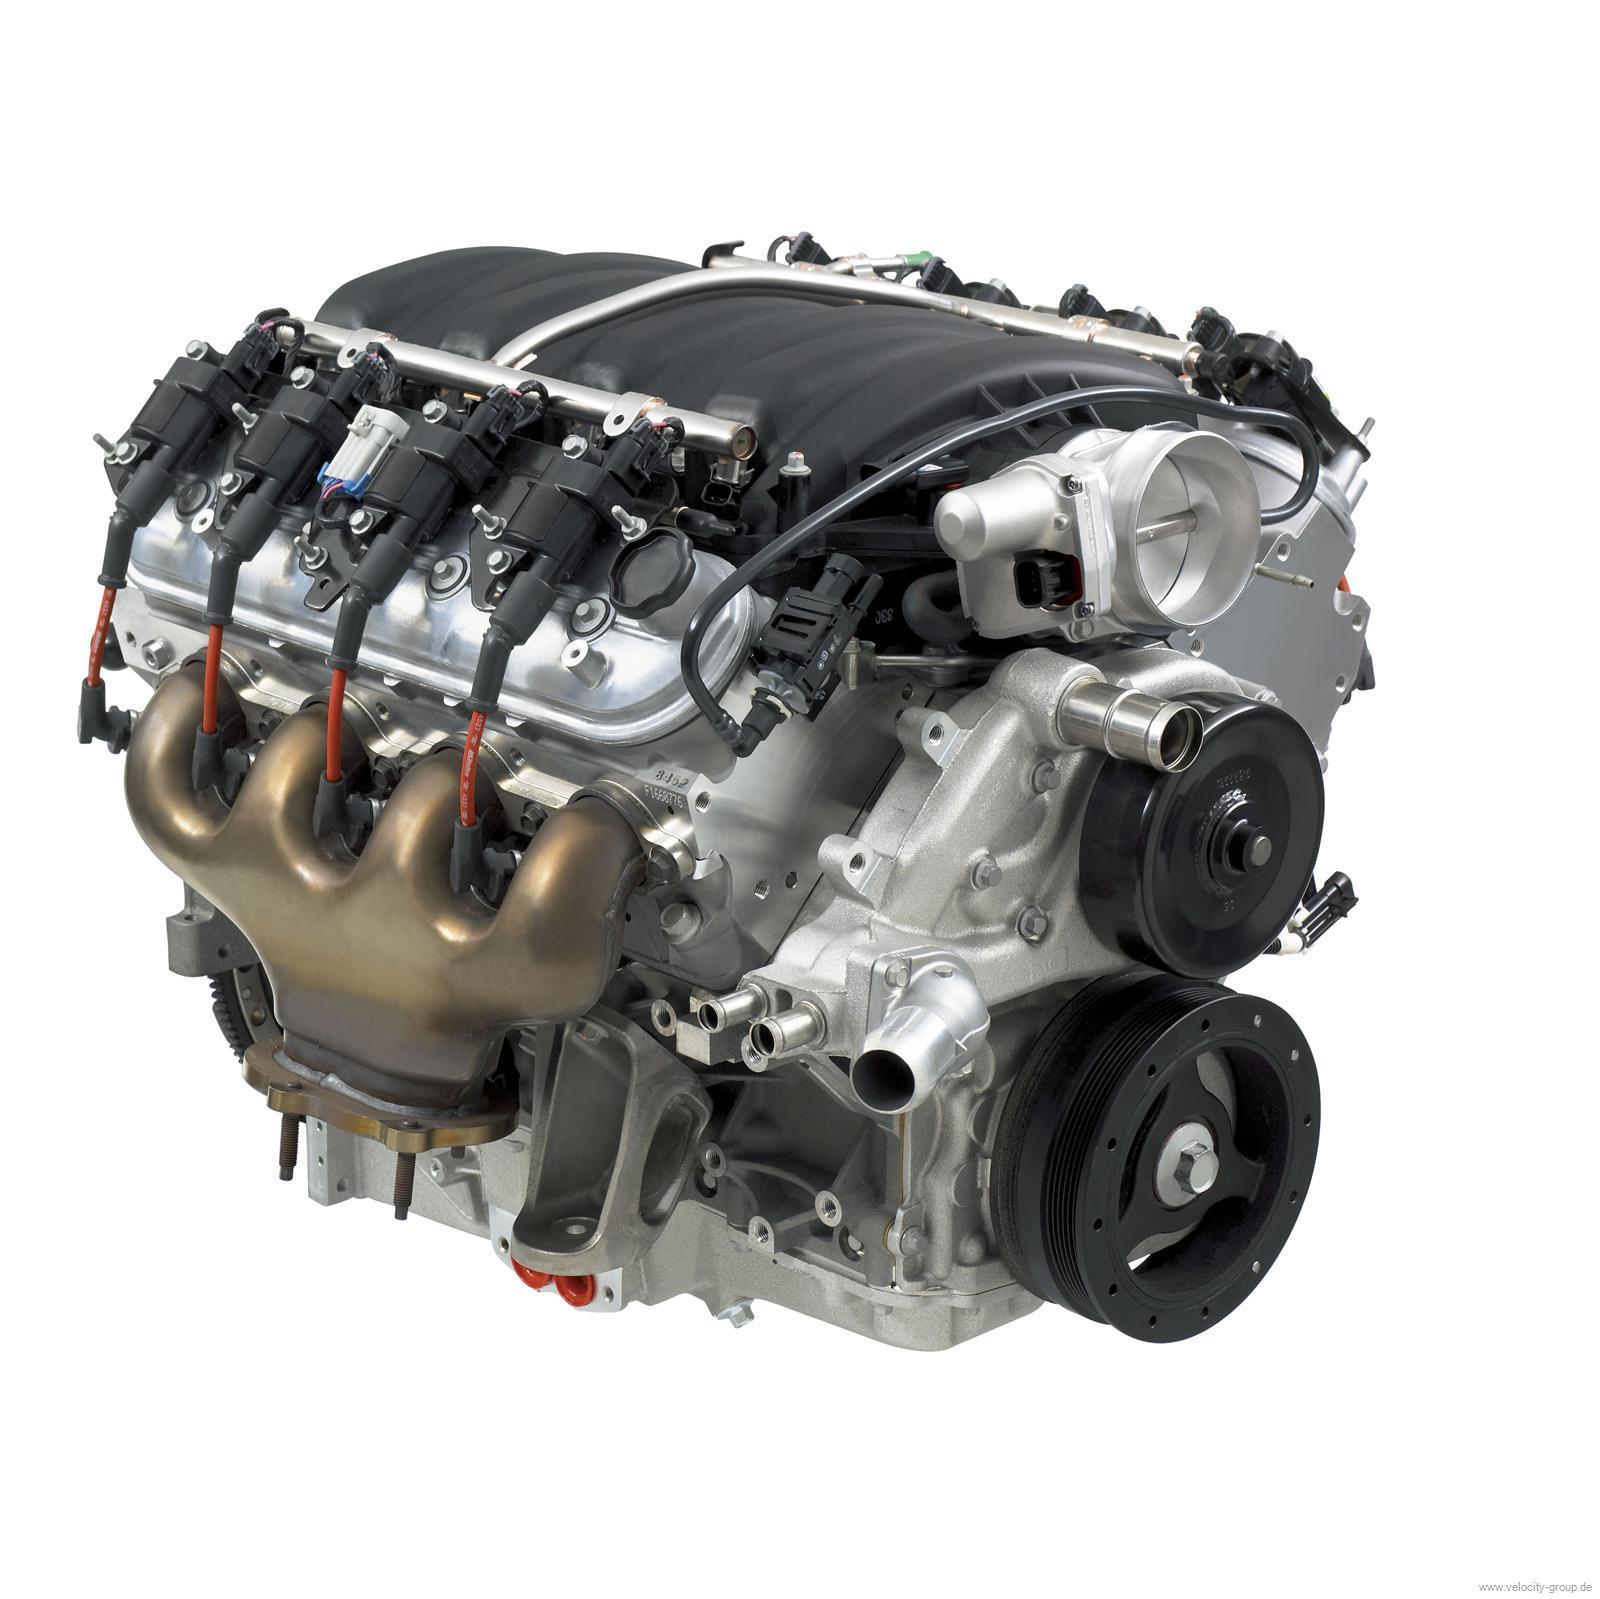 06 13 Chevrolet Corvette Komplettmotor Chevrolet Performance C6